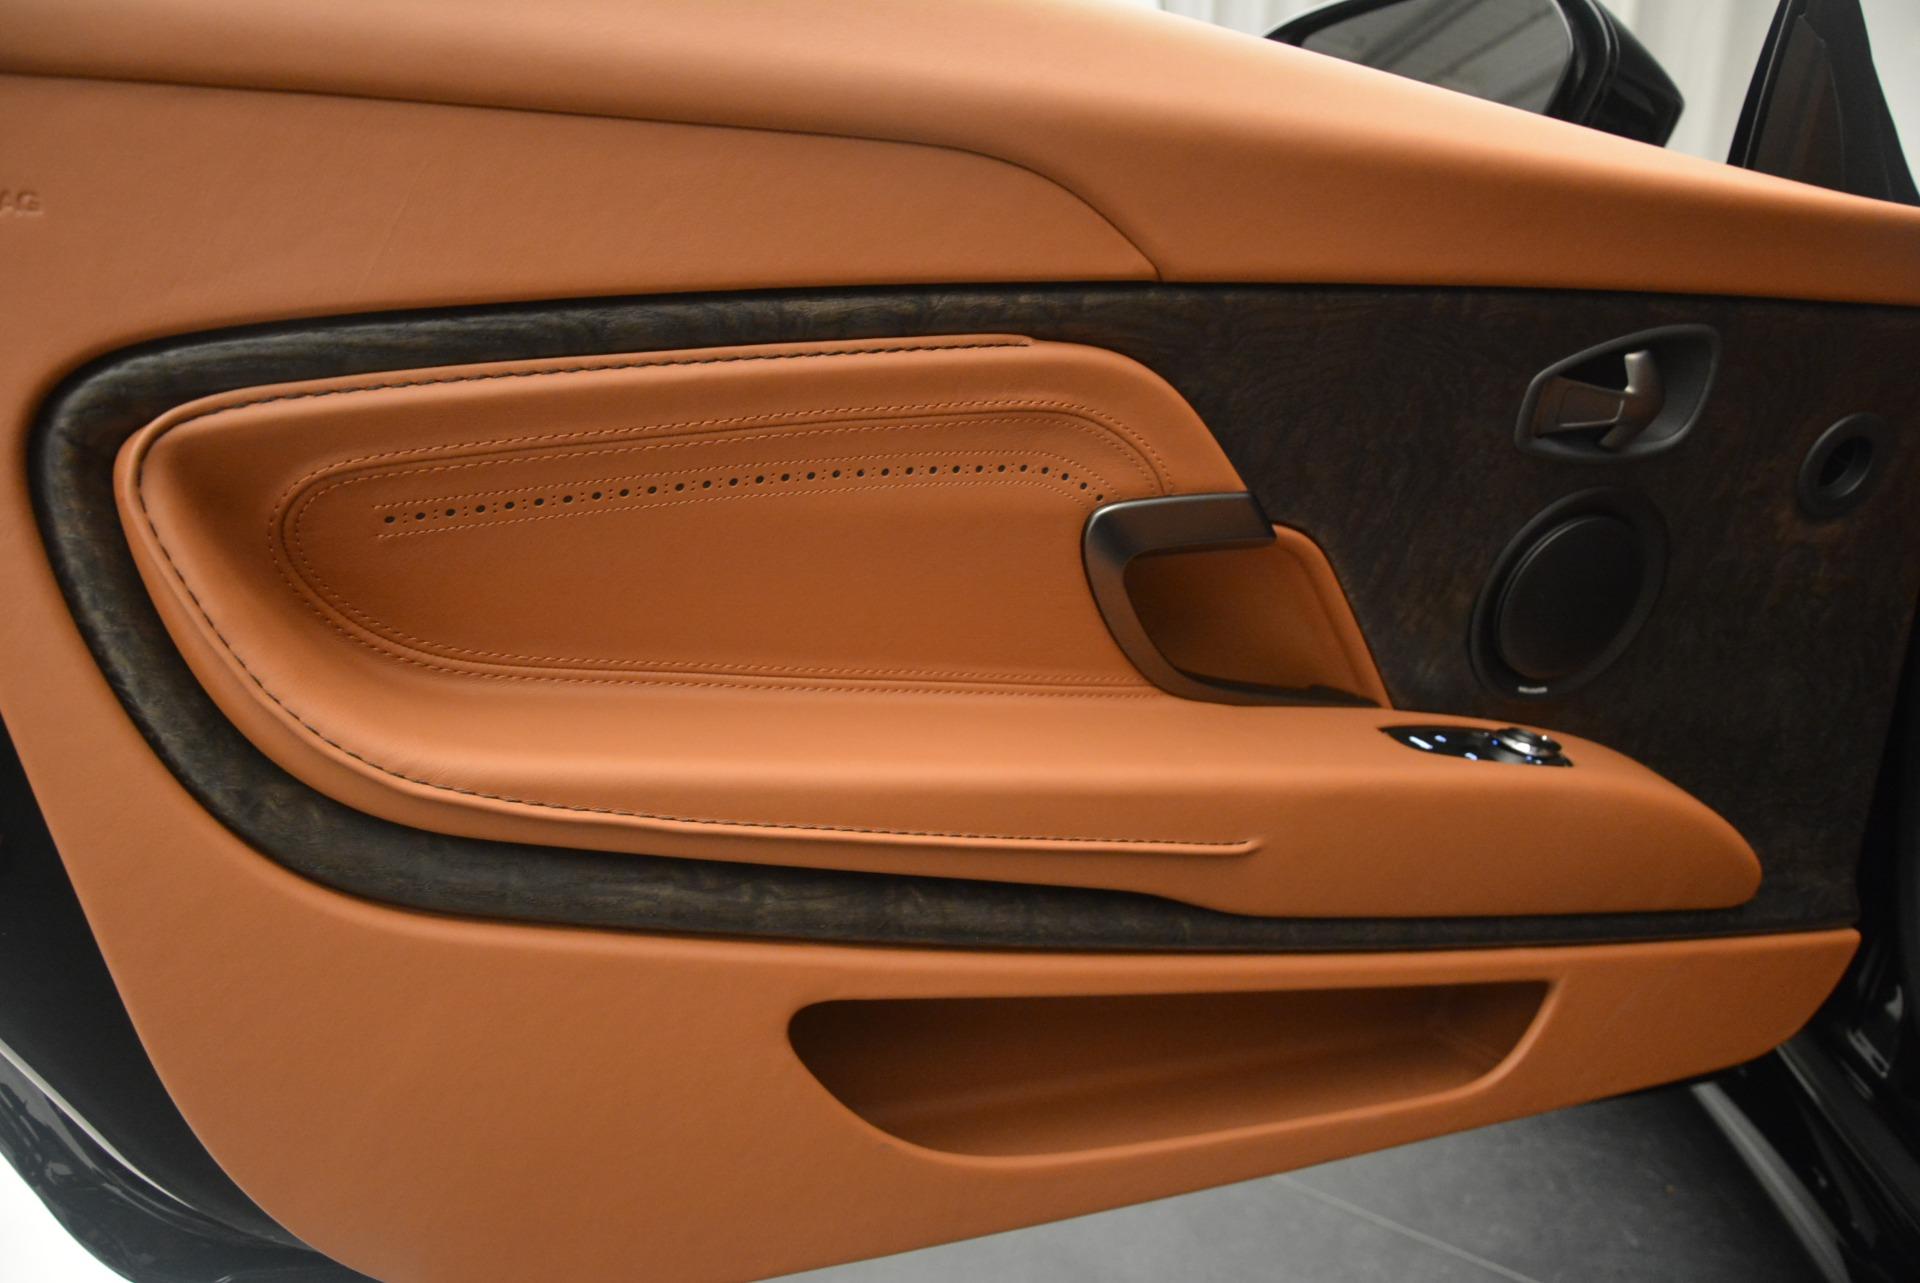 New 2019 Aston Martin DB11 Volante Volante For Sale In Greenwich, CT. Alfa Romeo of Greenwich, A1309 2450_p24